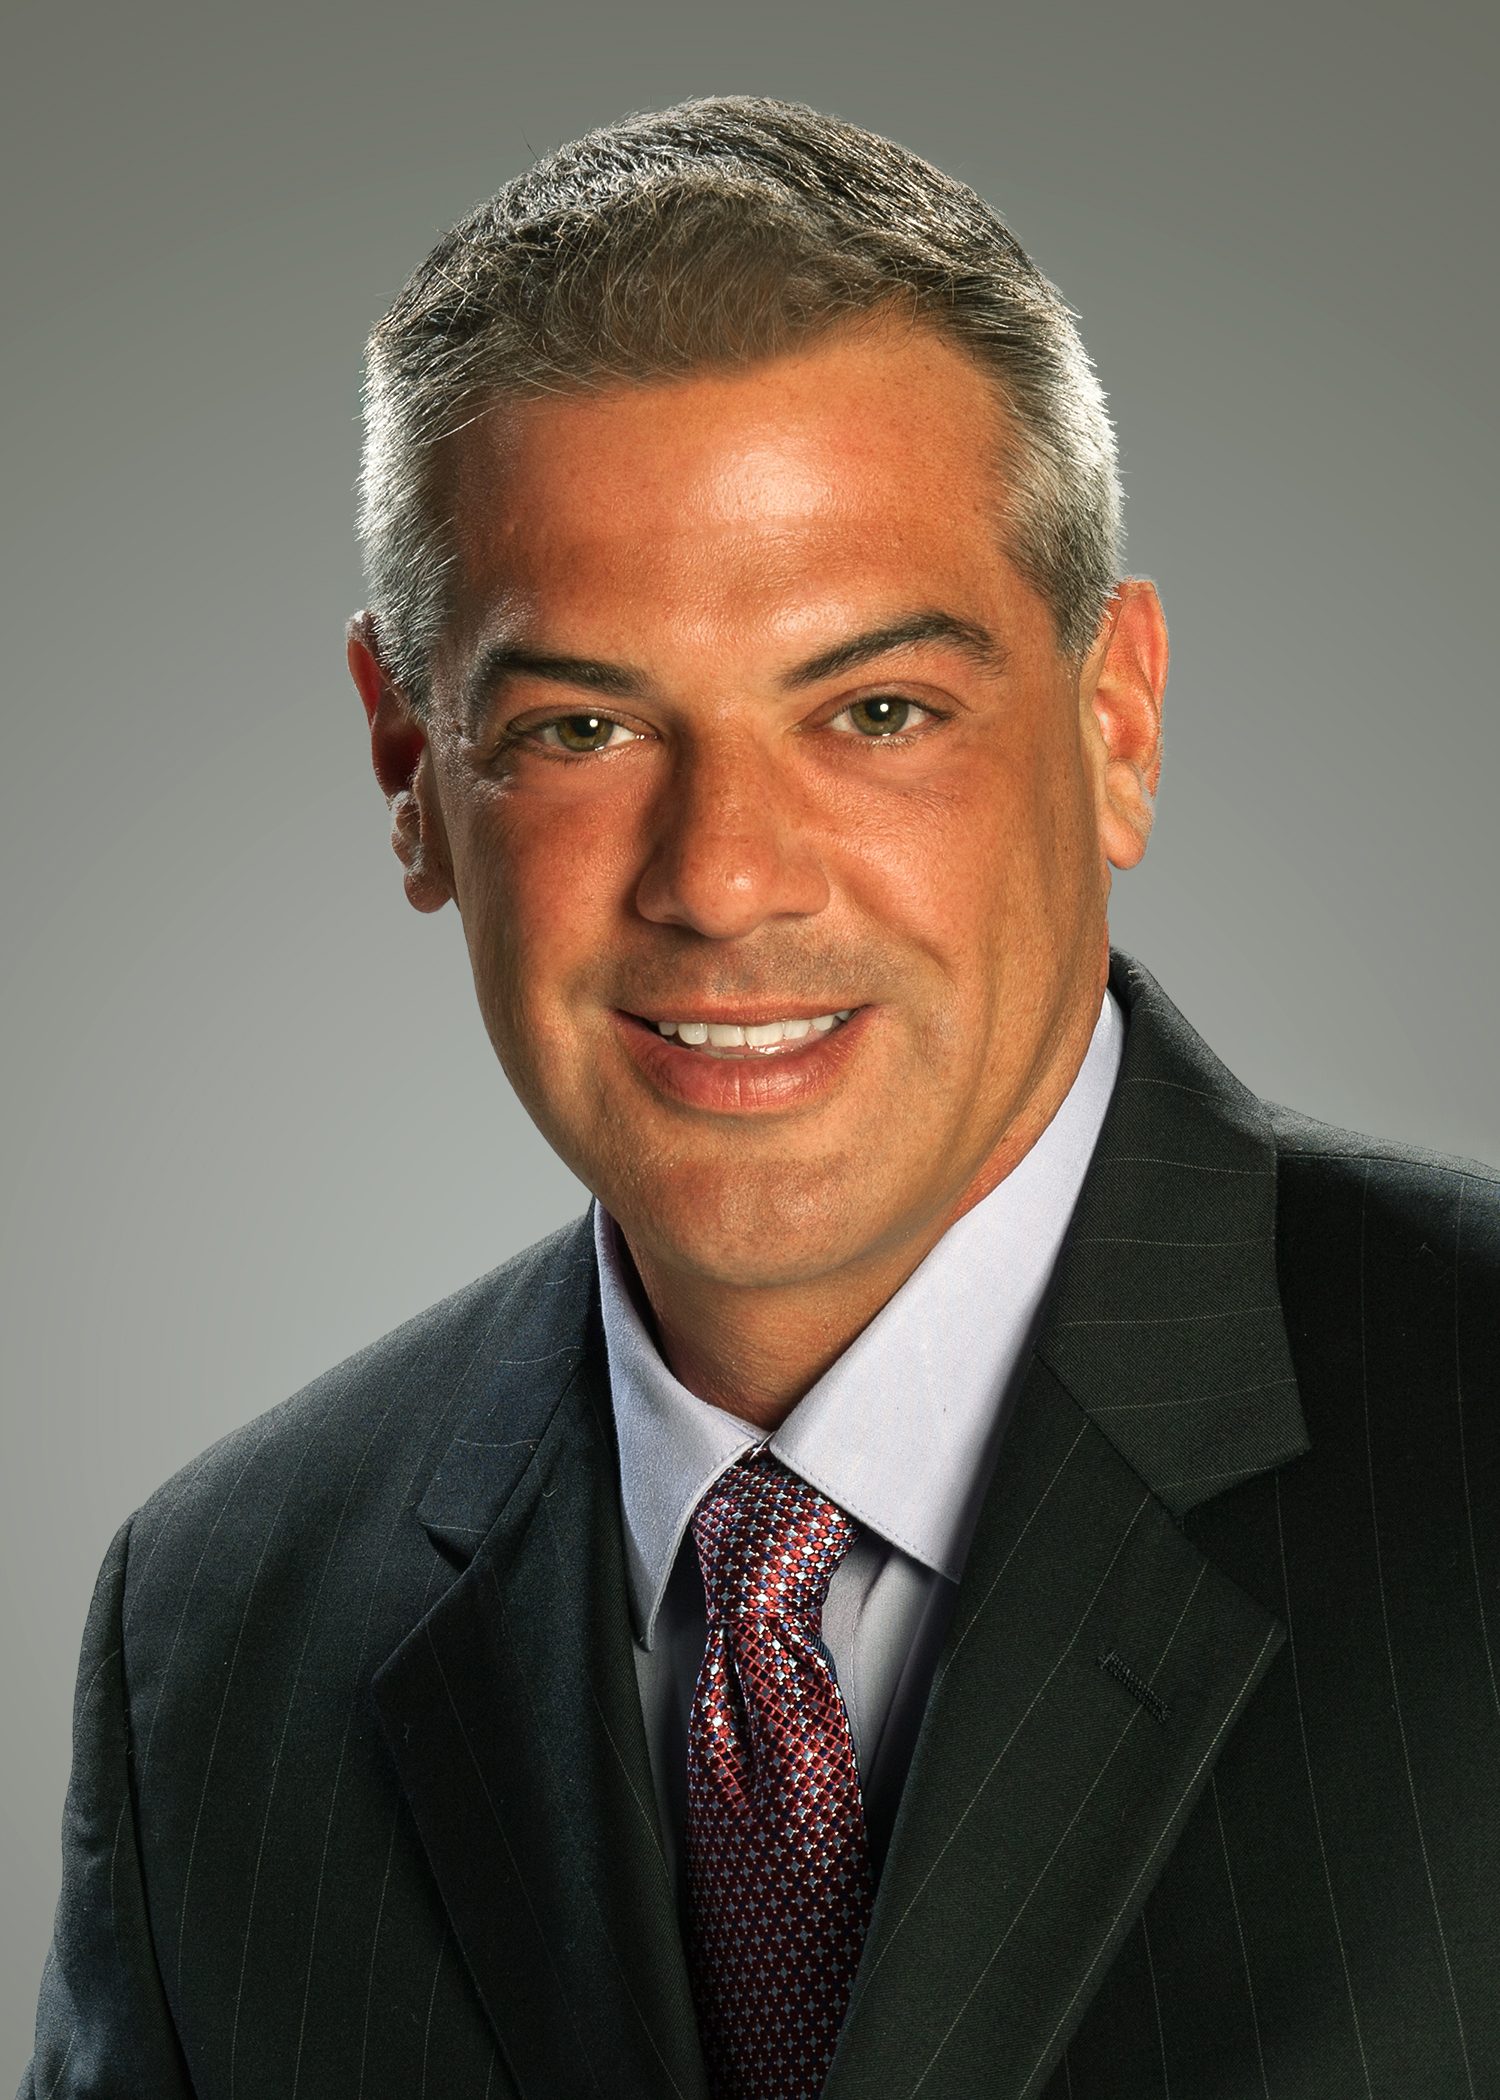 Brian Radeer